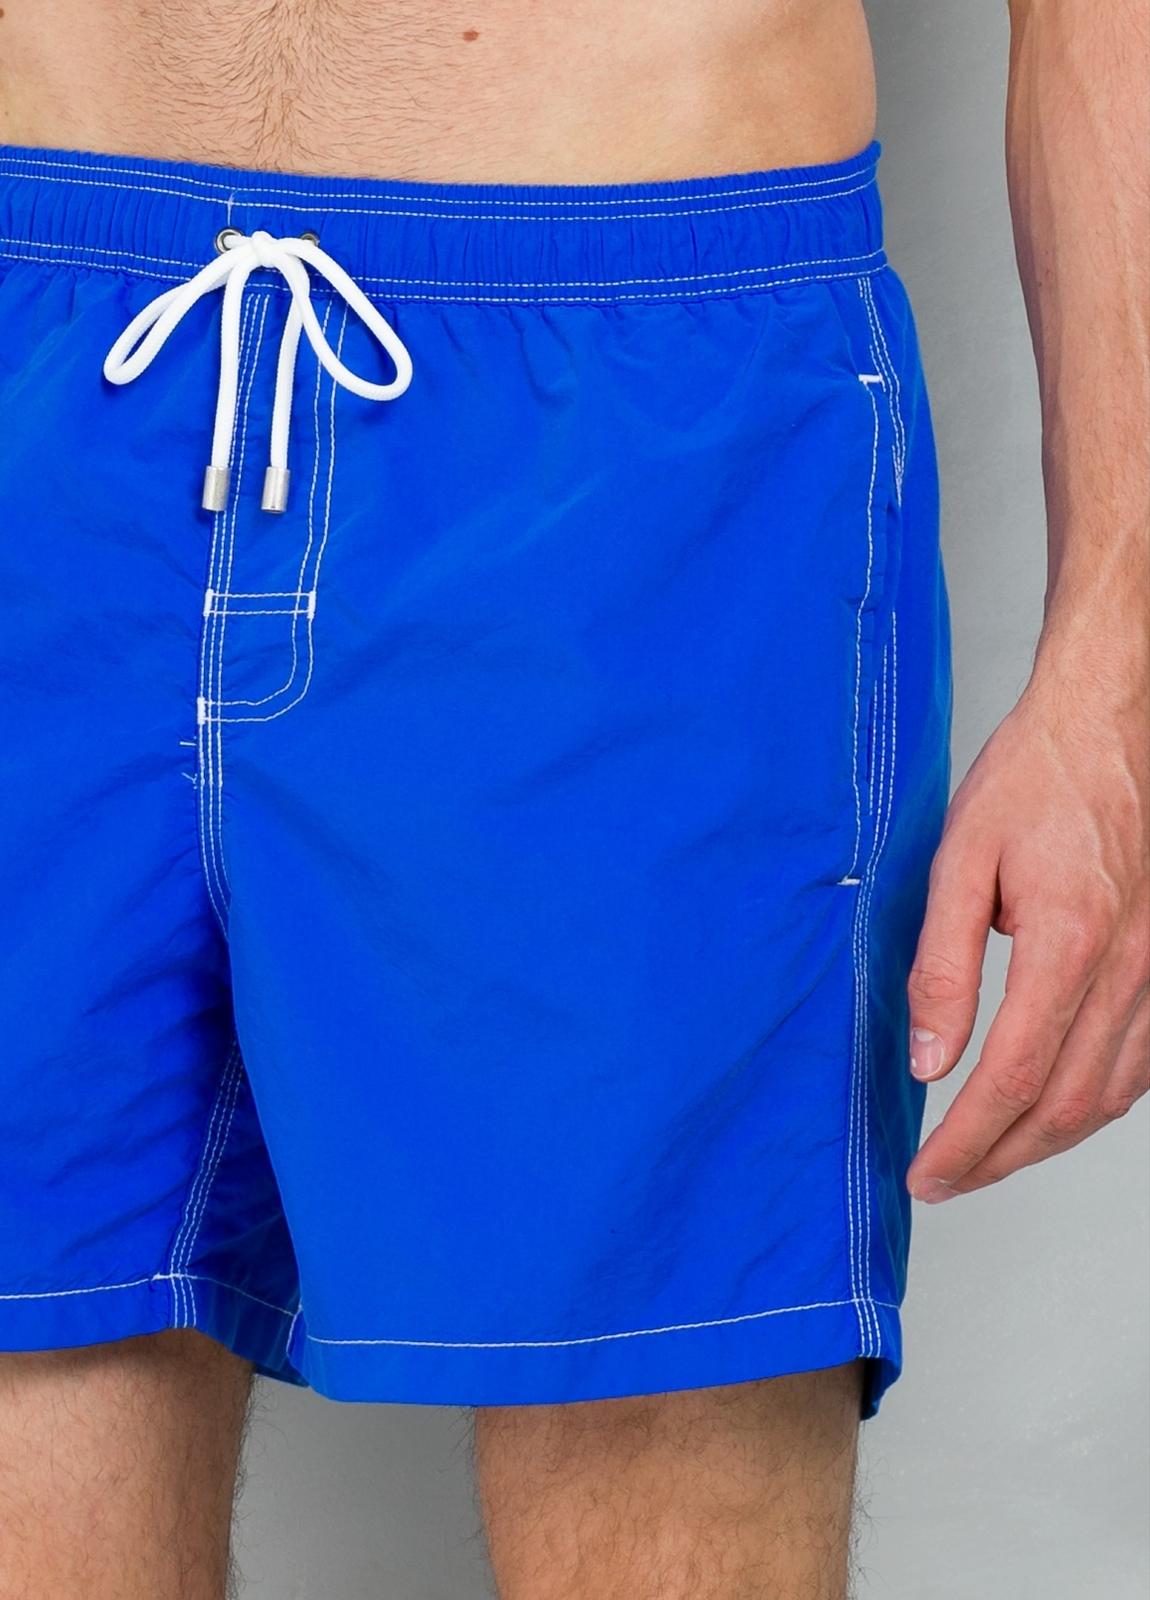 Bañador liso color azul klein, 100% poliamida. - Ítem1